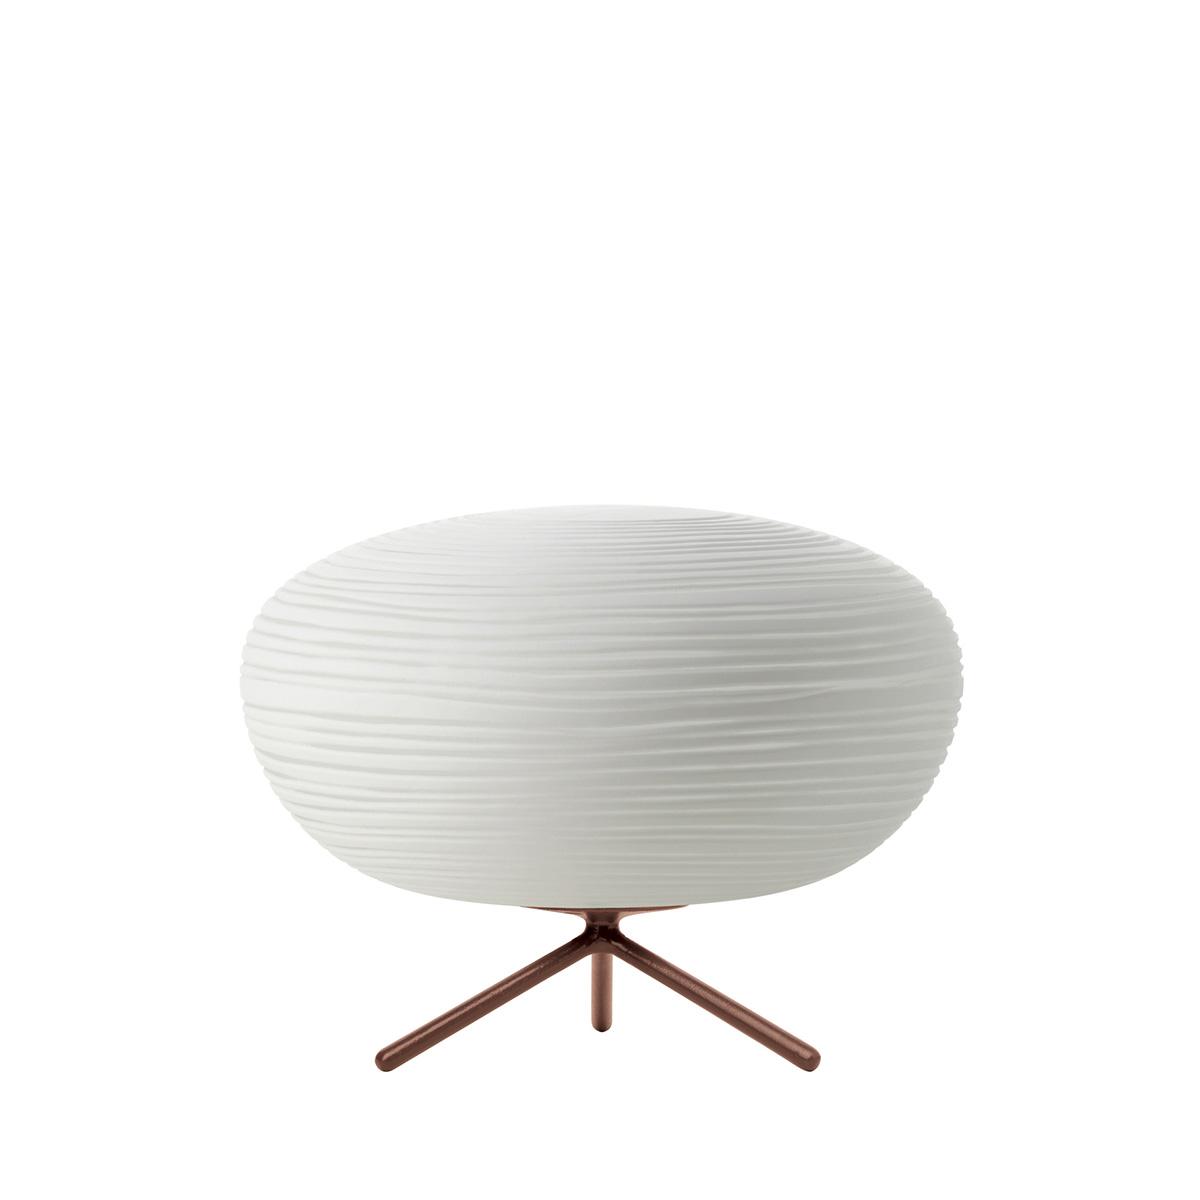 Stona lampa RITUALS 2 - 2440012D 1 10